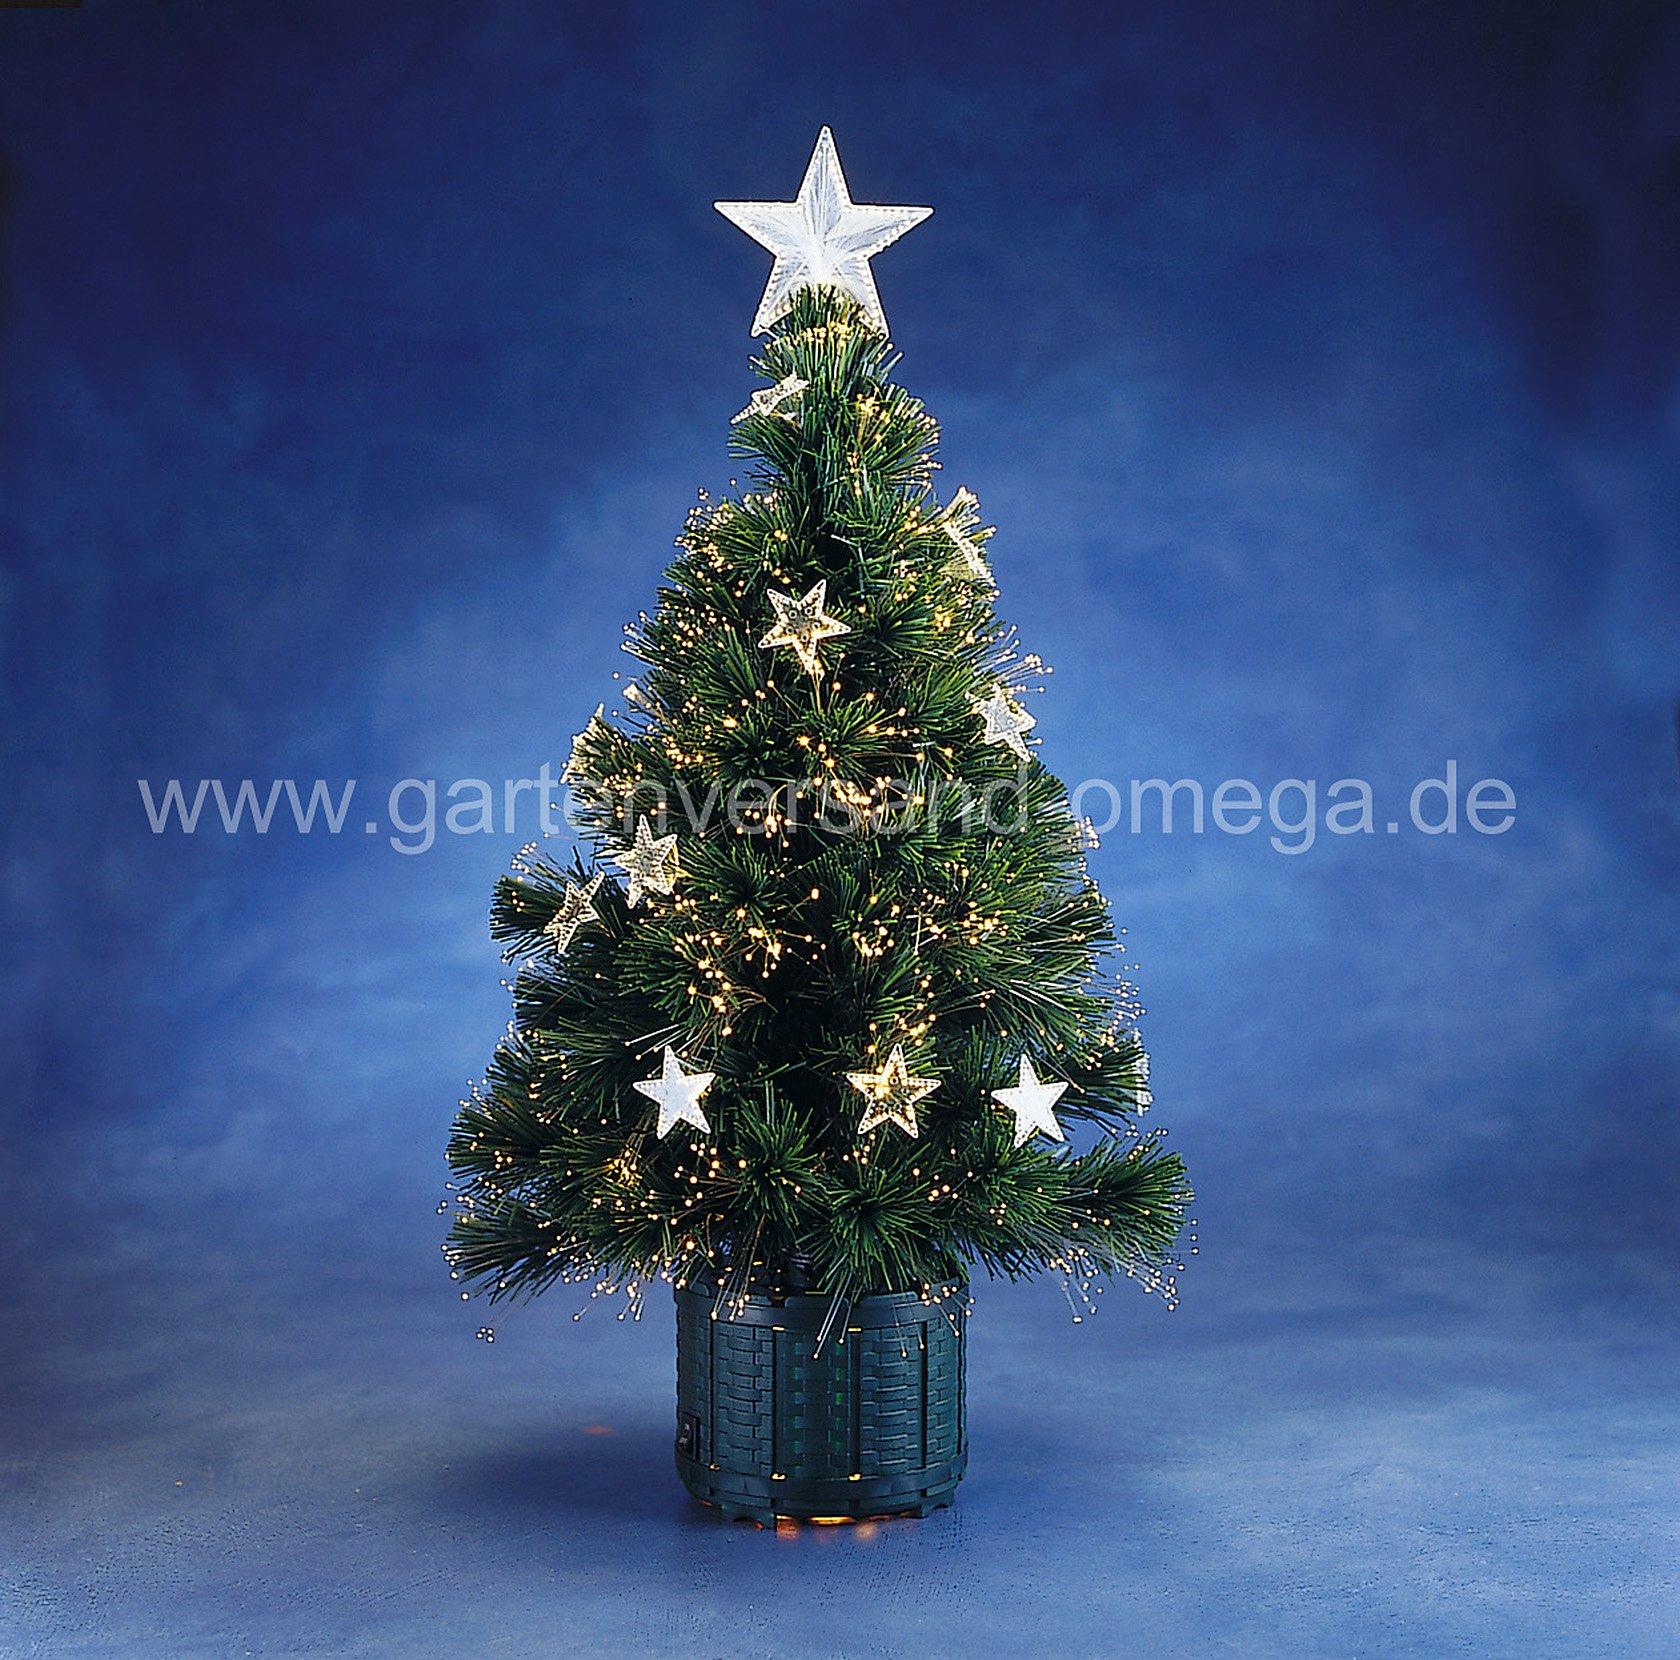 Weihnachtsbaum Künstlich Beleuchtet.Fiberoptik Weihnachtsbaum Mini Weihnachtsbaum Künstlicher